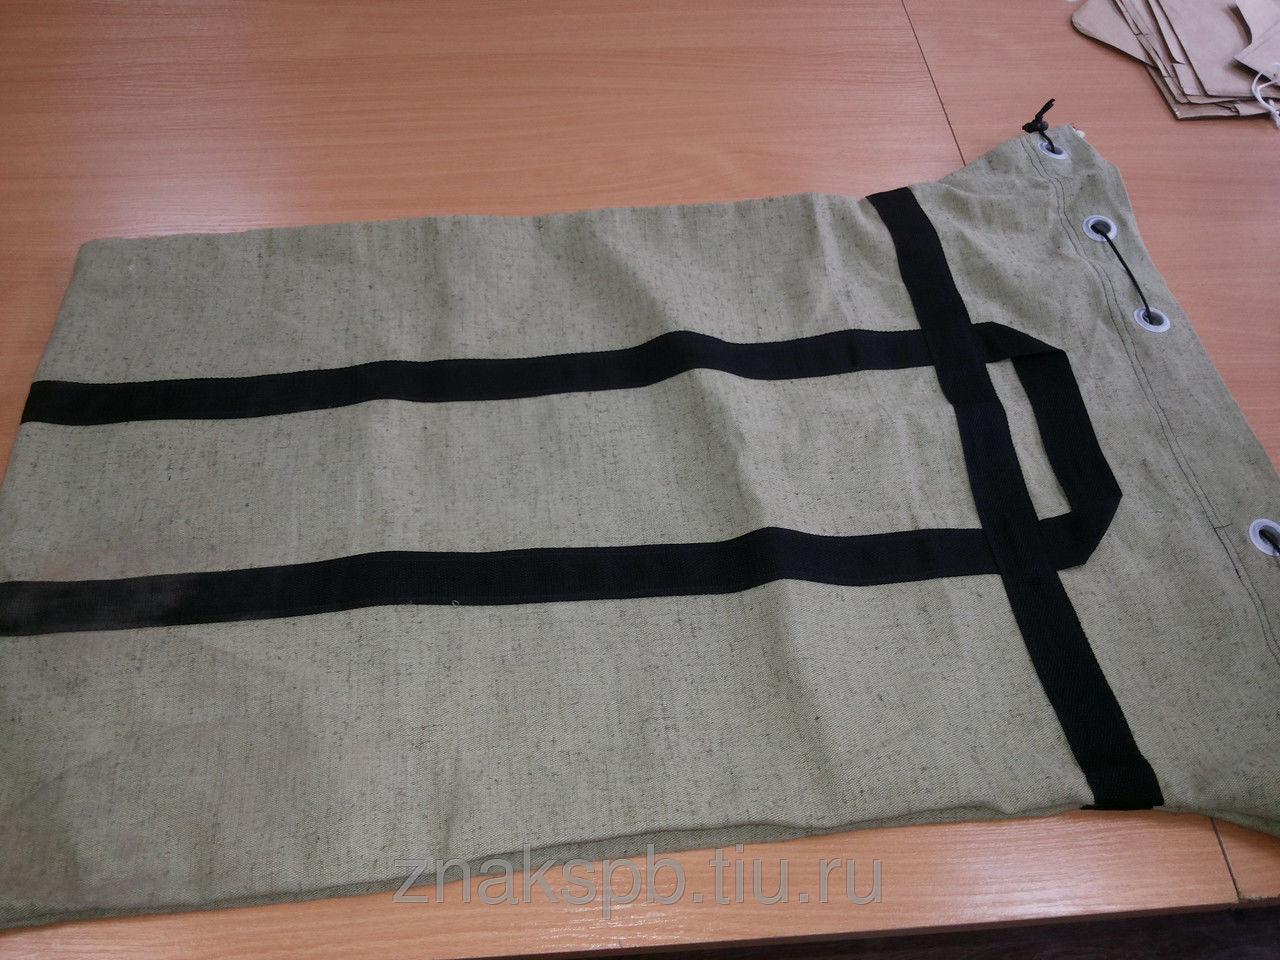 Мешок  брезентовый для эвакуации документов 60*135 см (расширение верхней части)